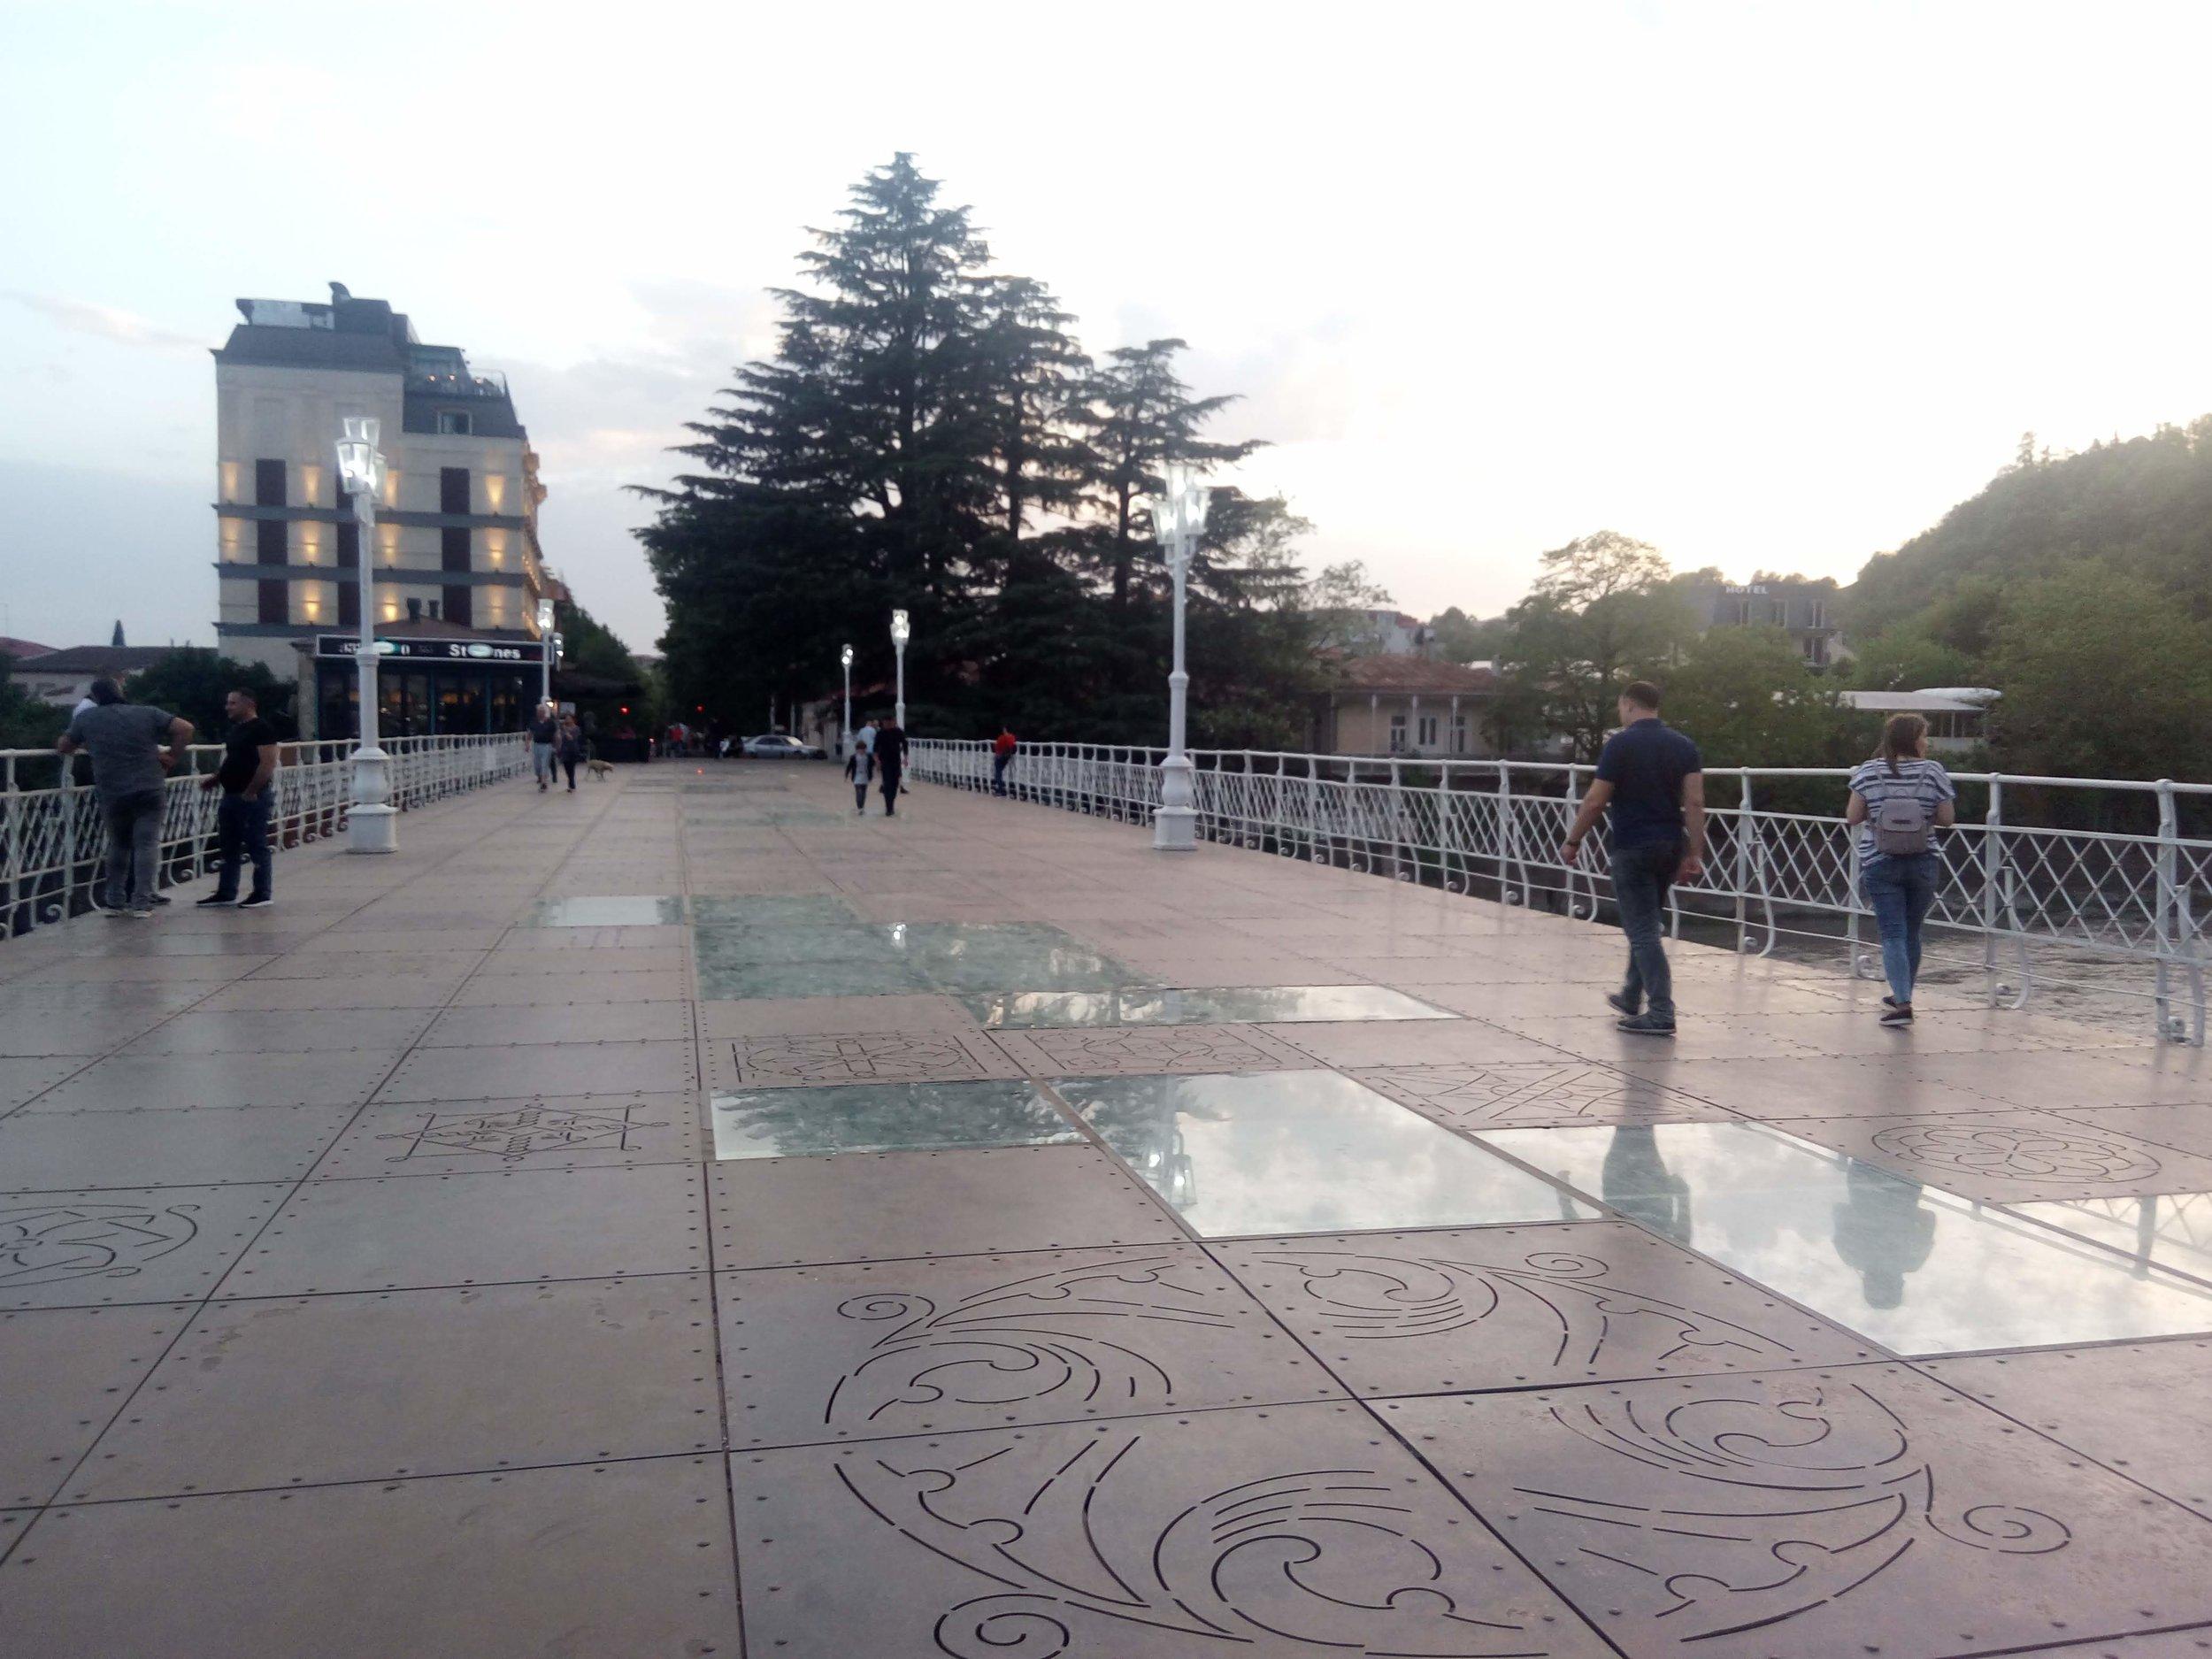 На втором месте, вероятно, будет мост через эту стремительную речку. Белый мост - так он называется. С прозрачными фрагментами из стекла, на которые, понятное дело, страшновато наступать. Пусть это будет кутаисский образ ВТОРОЙ